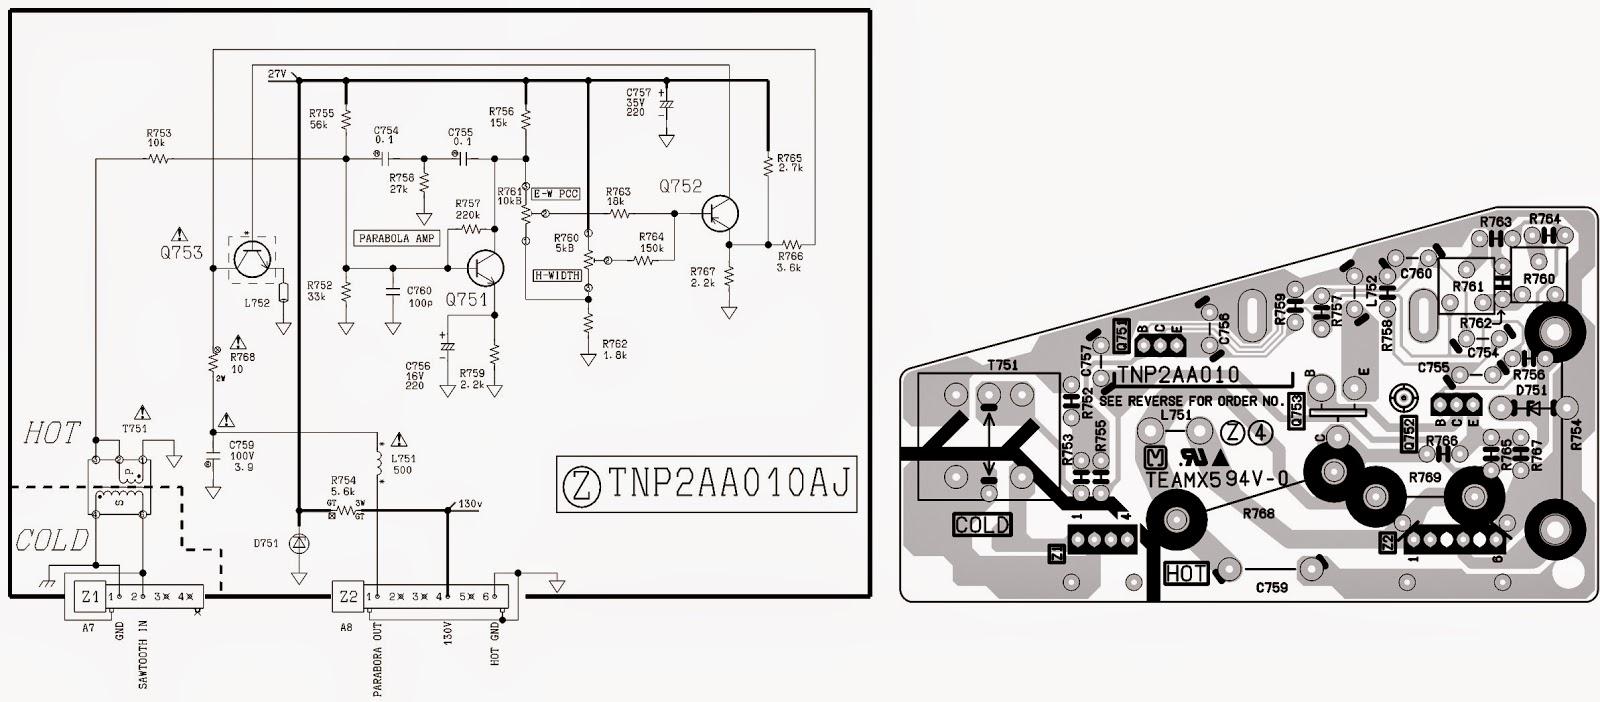 panasonic tv circuit board diagram